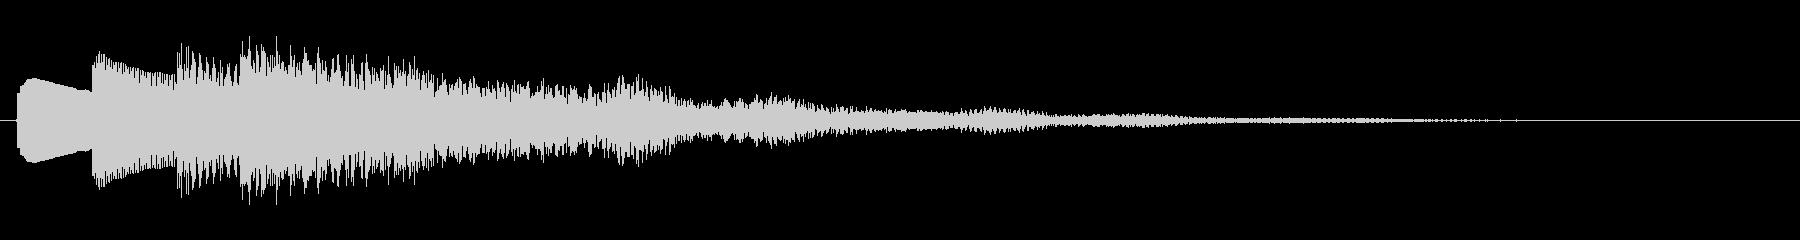 KANT涼しげアイキャッチ092215の未再生の波形